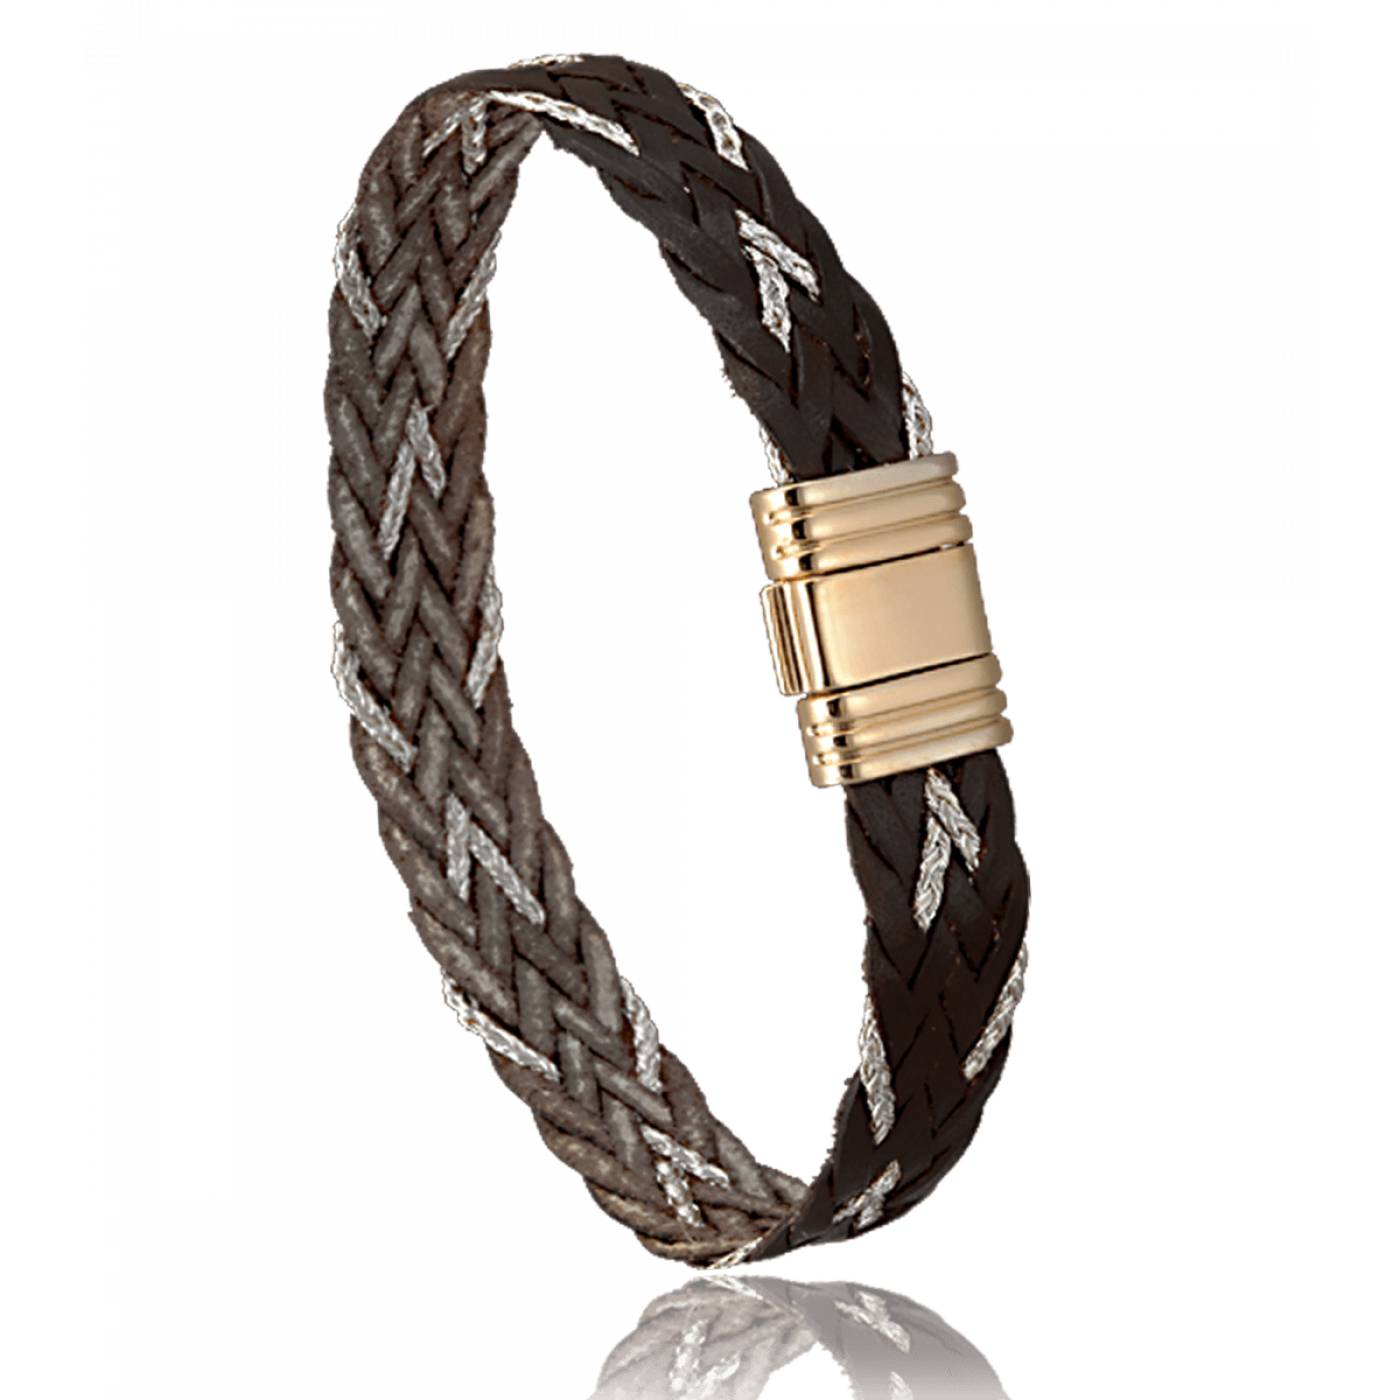 Bracelet homme cuir cuivre marron 2423 for Bracelet cuir homme luxe